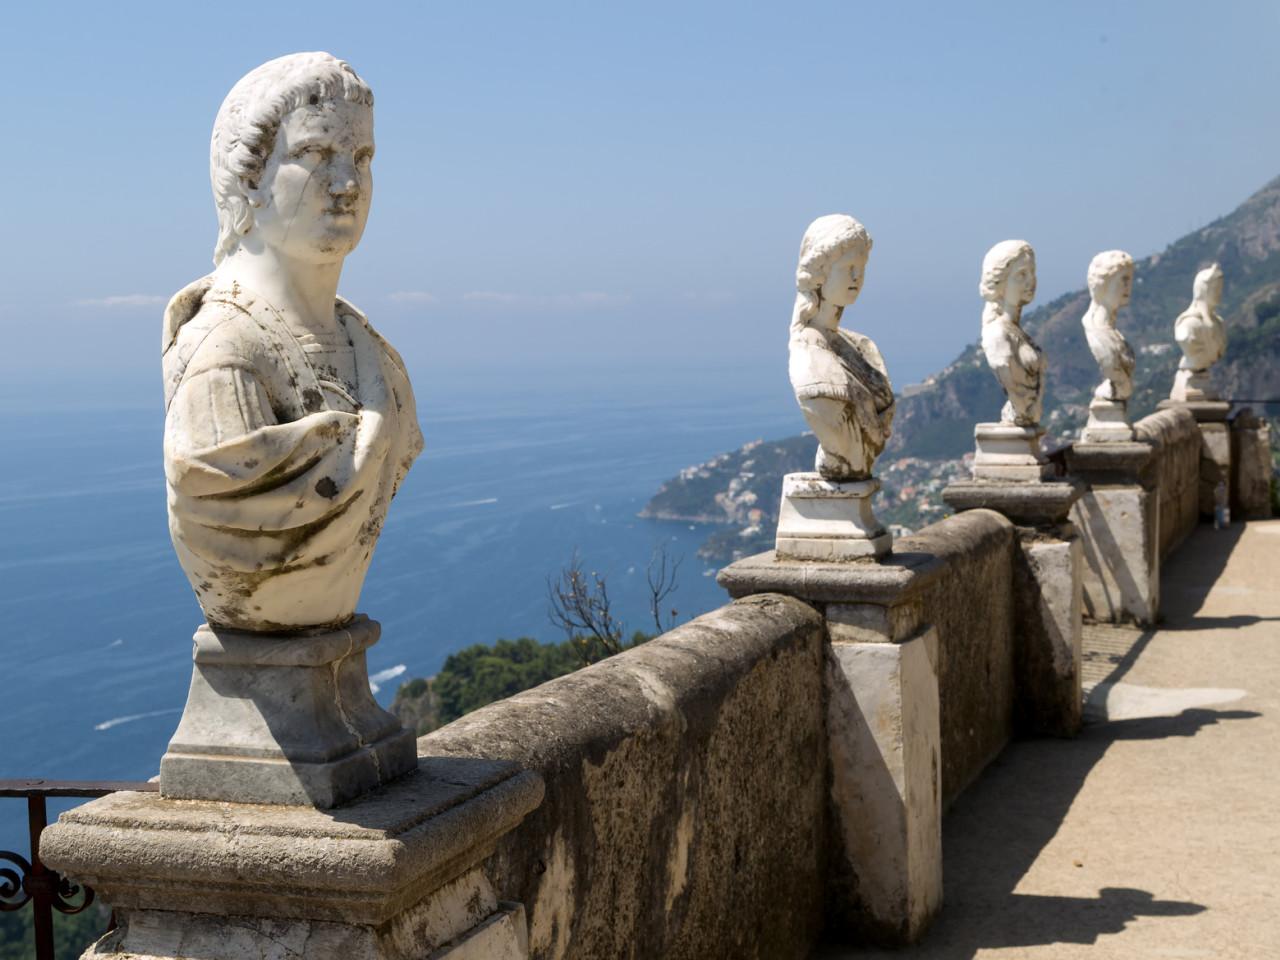 Escursione della Costiera amalfitana da Sorrento | Star cars tours